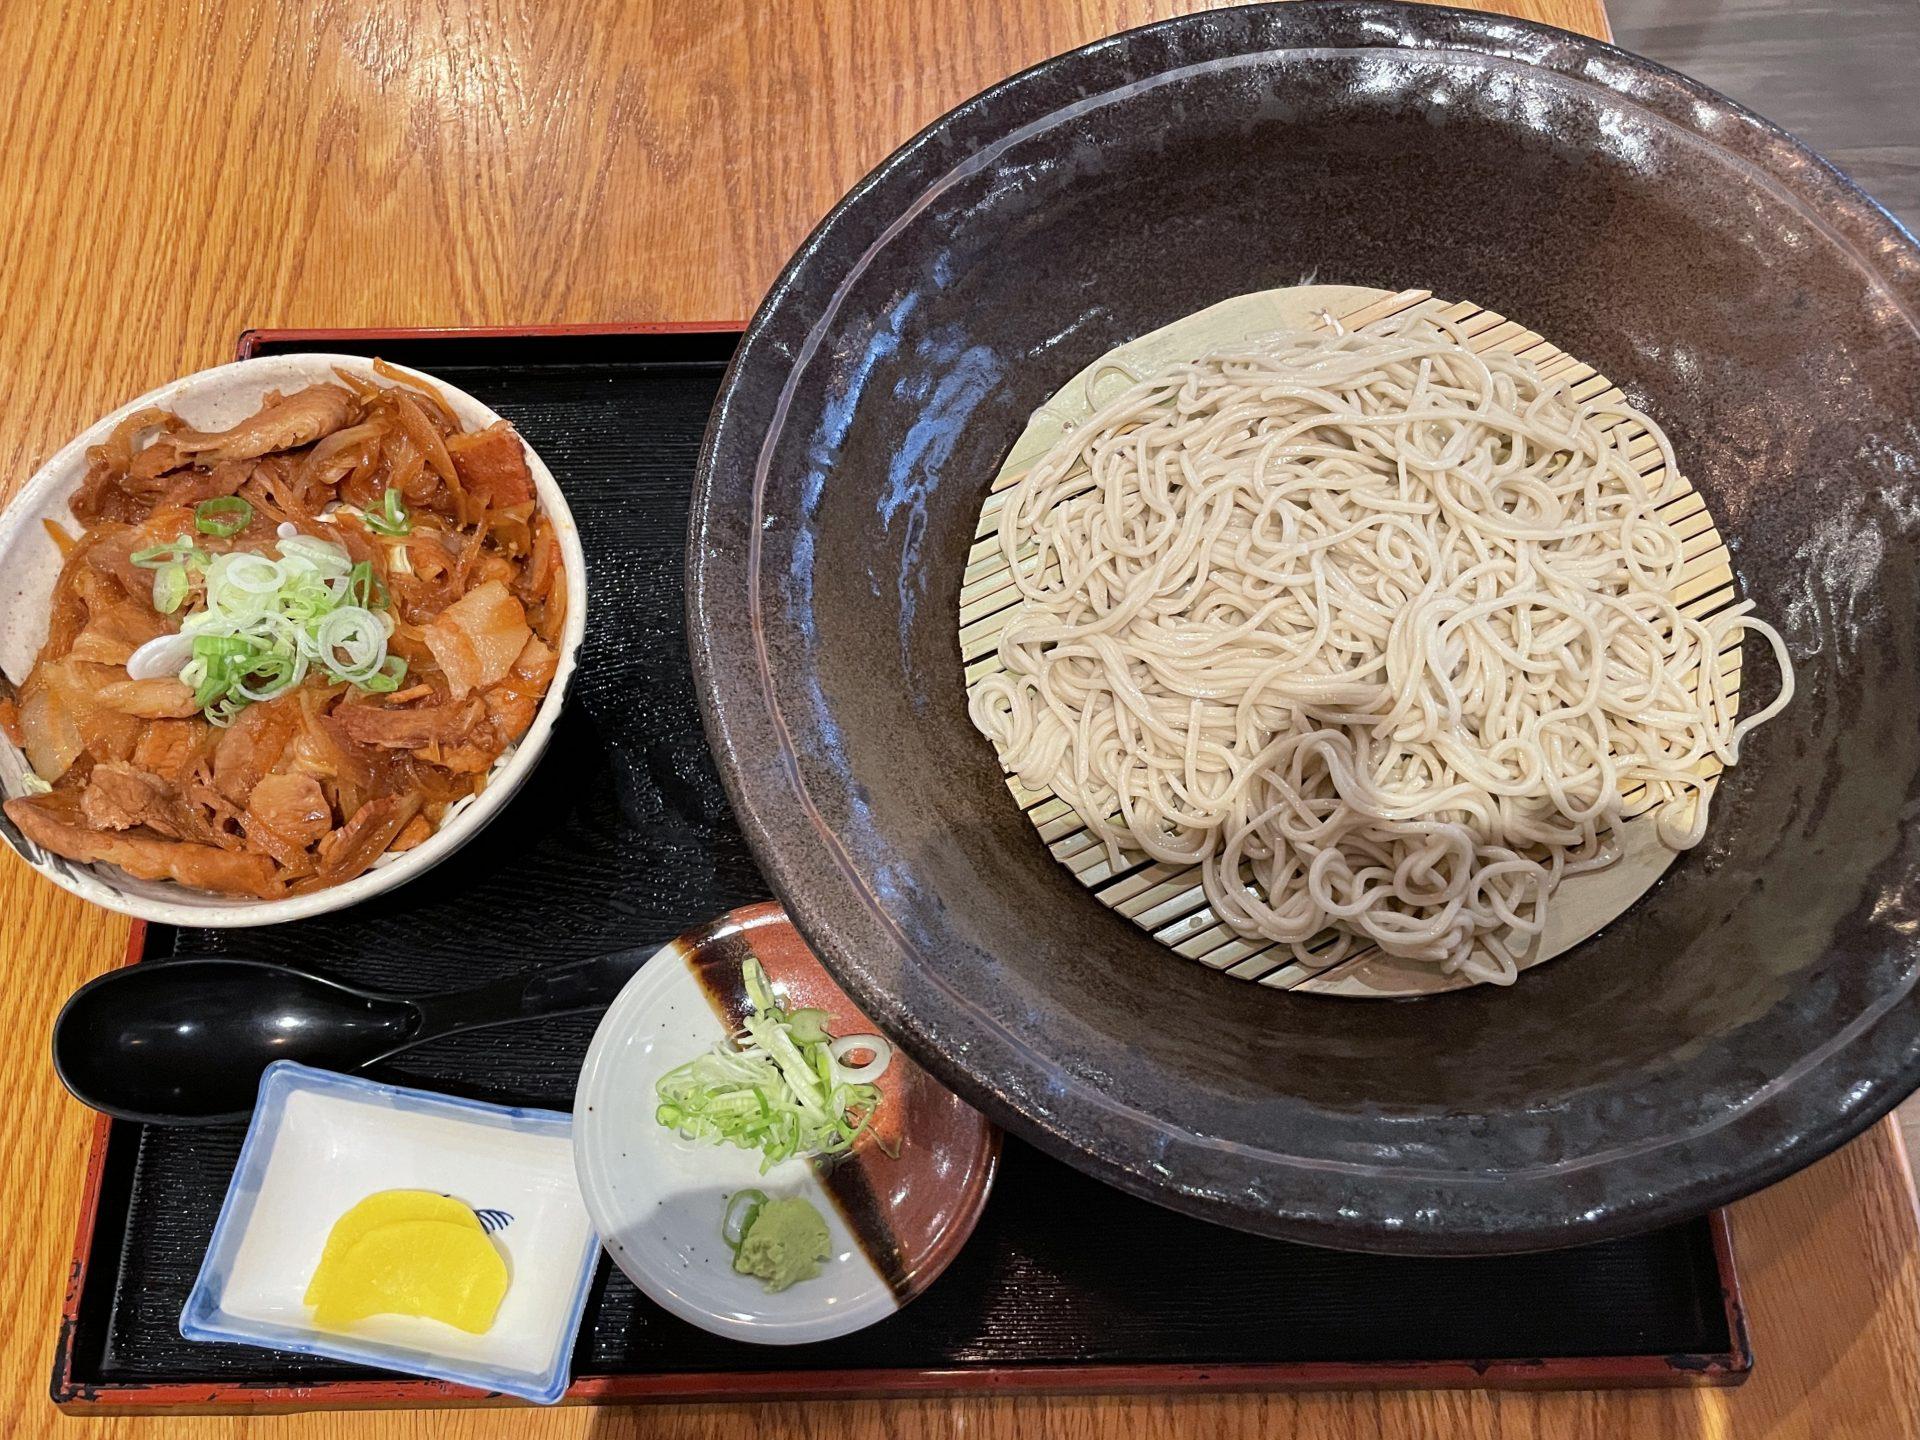 【和食コンボ】蕎麦と丼のセットが嬉しい「生そば あずま」は大盛り無料!メニュー豊富